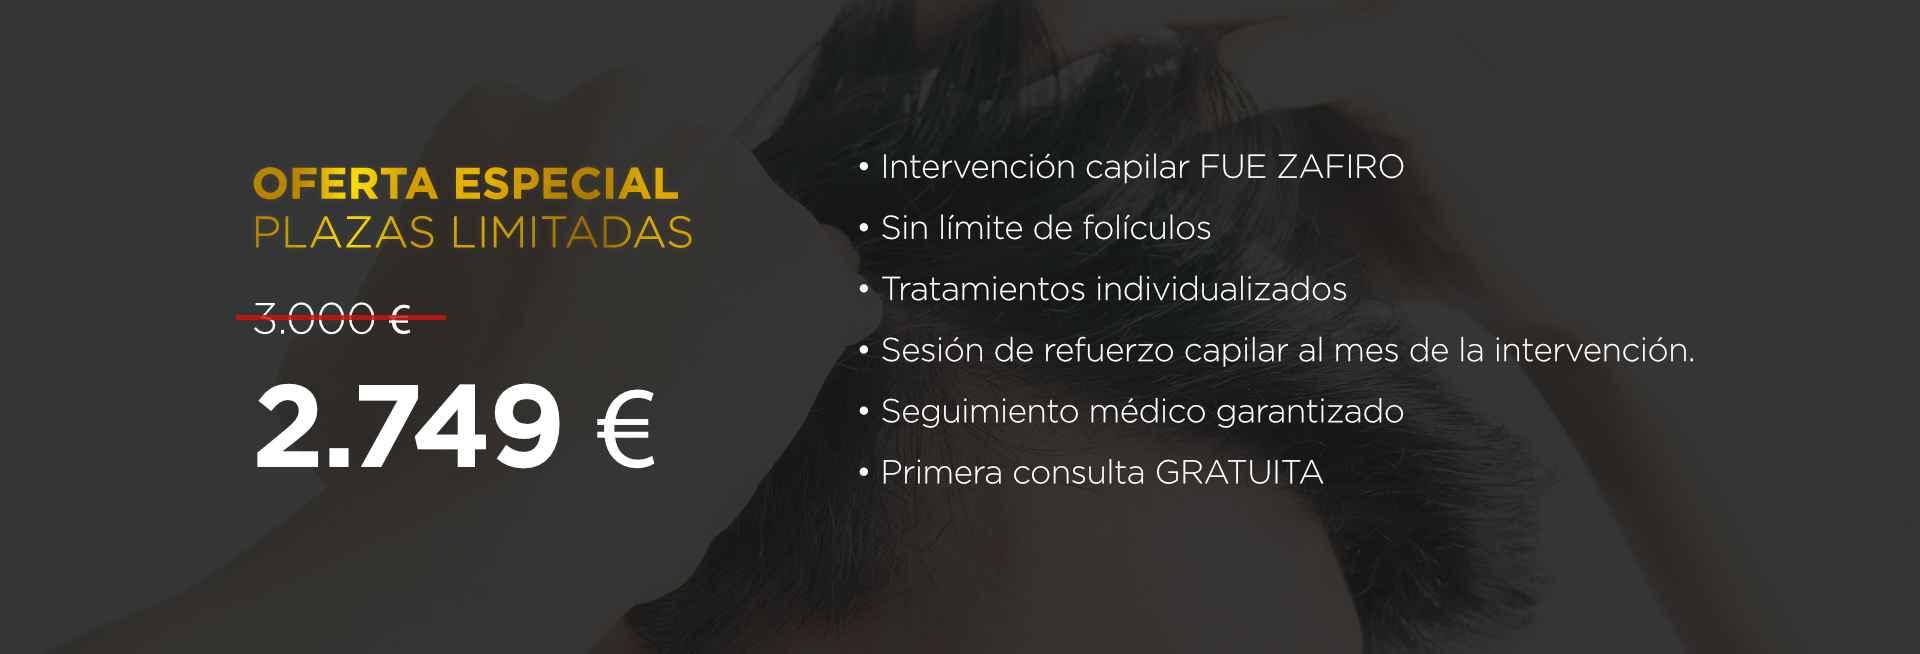 Élite Medical Madrid Oferta Implante capilar FUE Zafiro